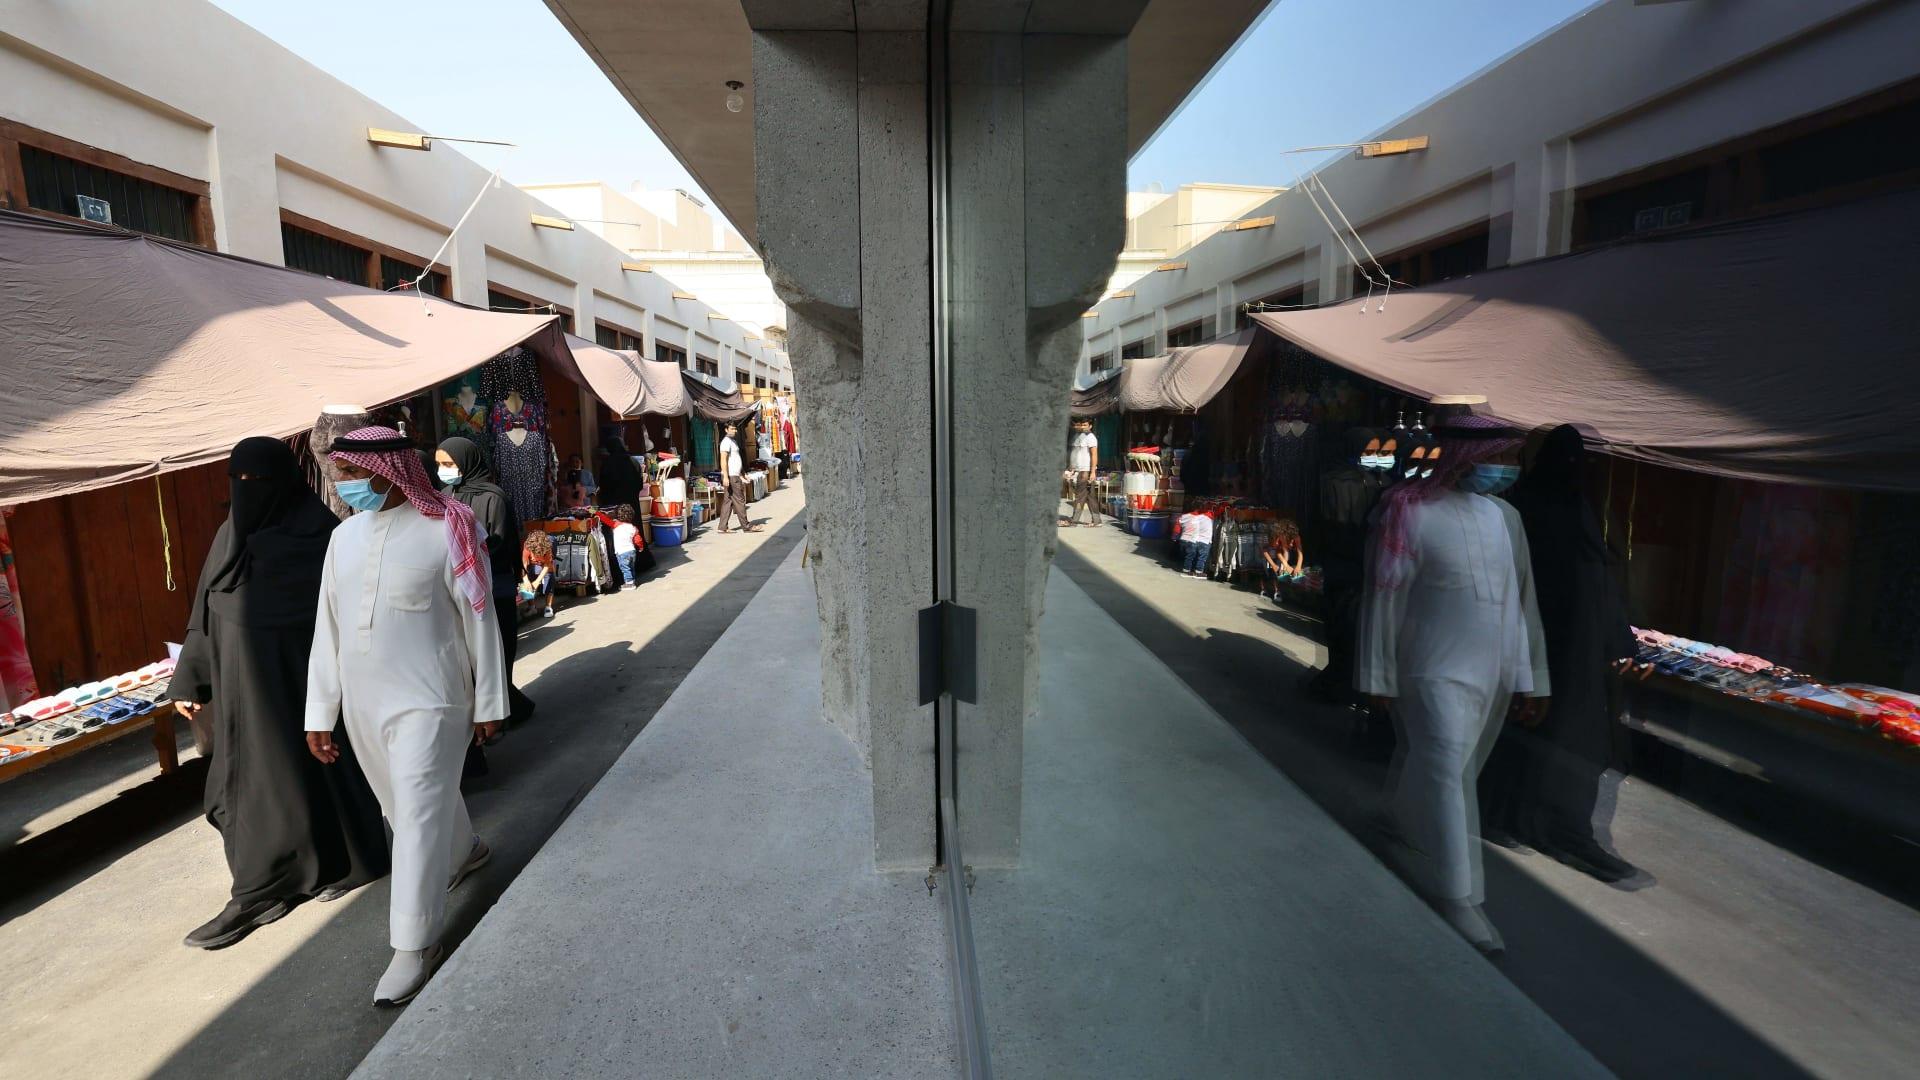 البحرين تعلن عن قرارات جديدة وسط زيادة أعداد المصابين بكورونا